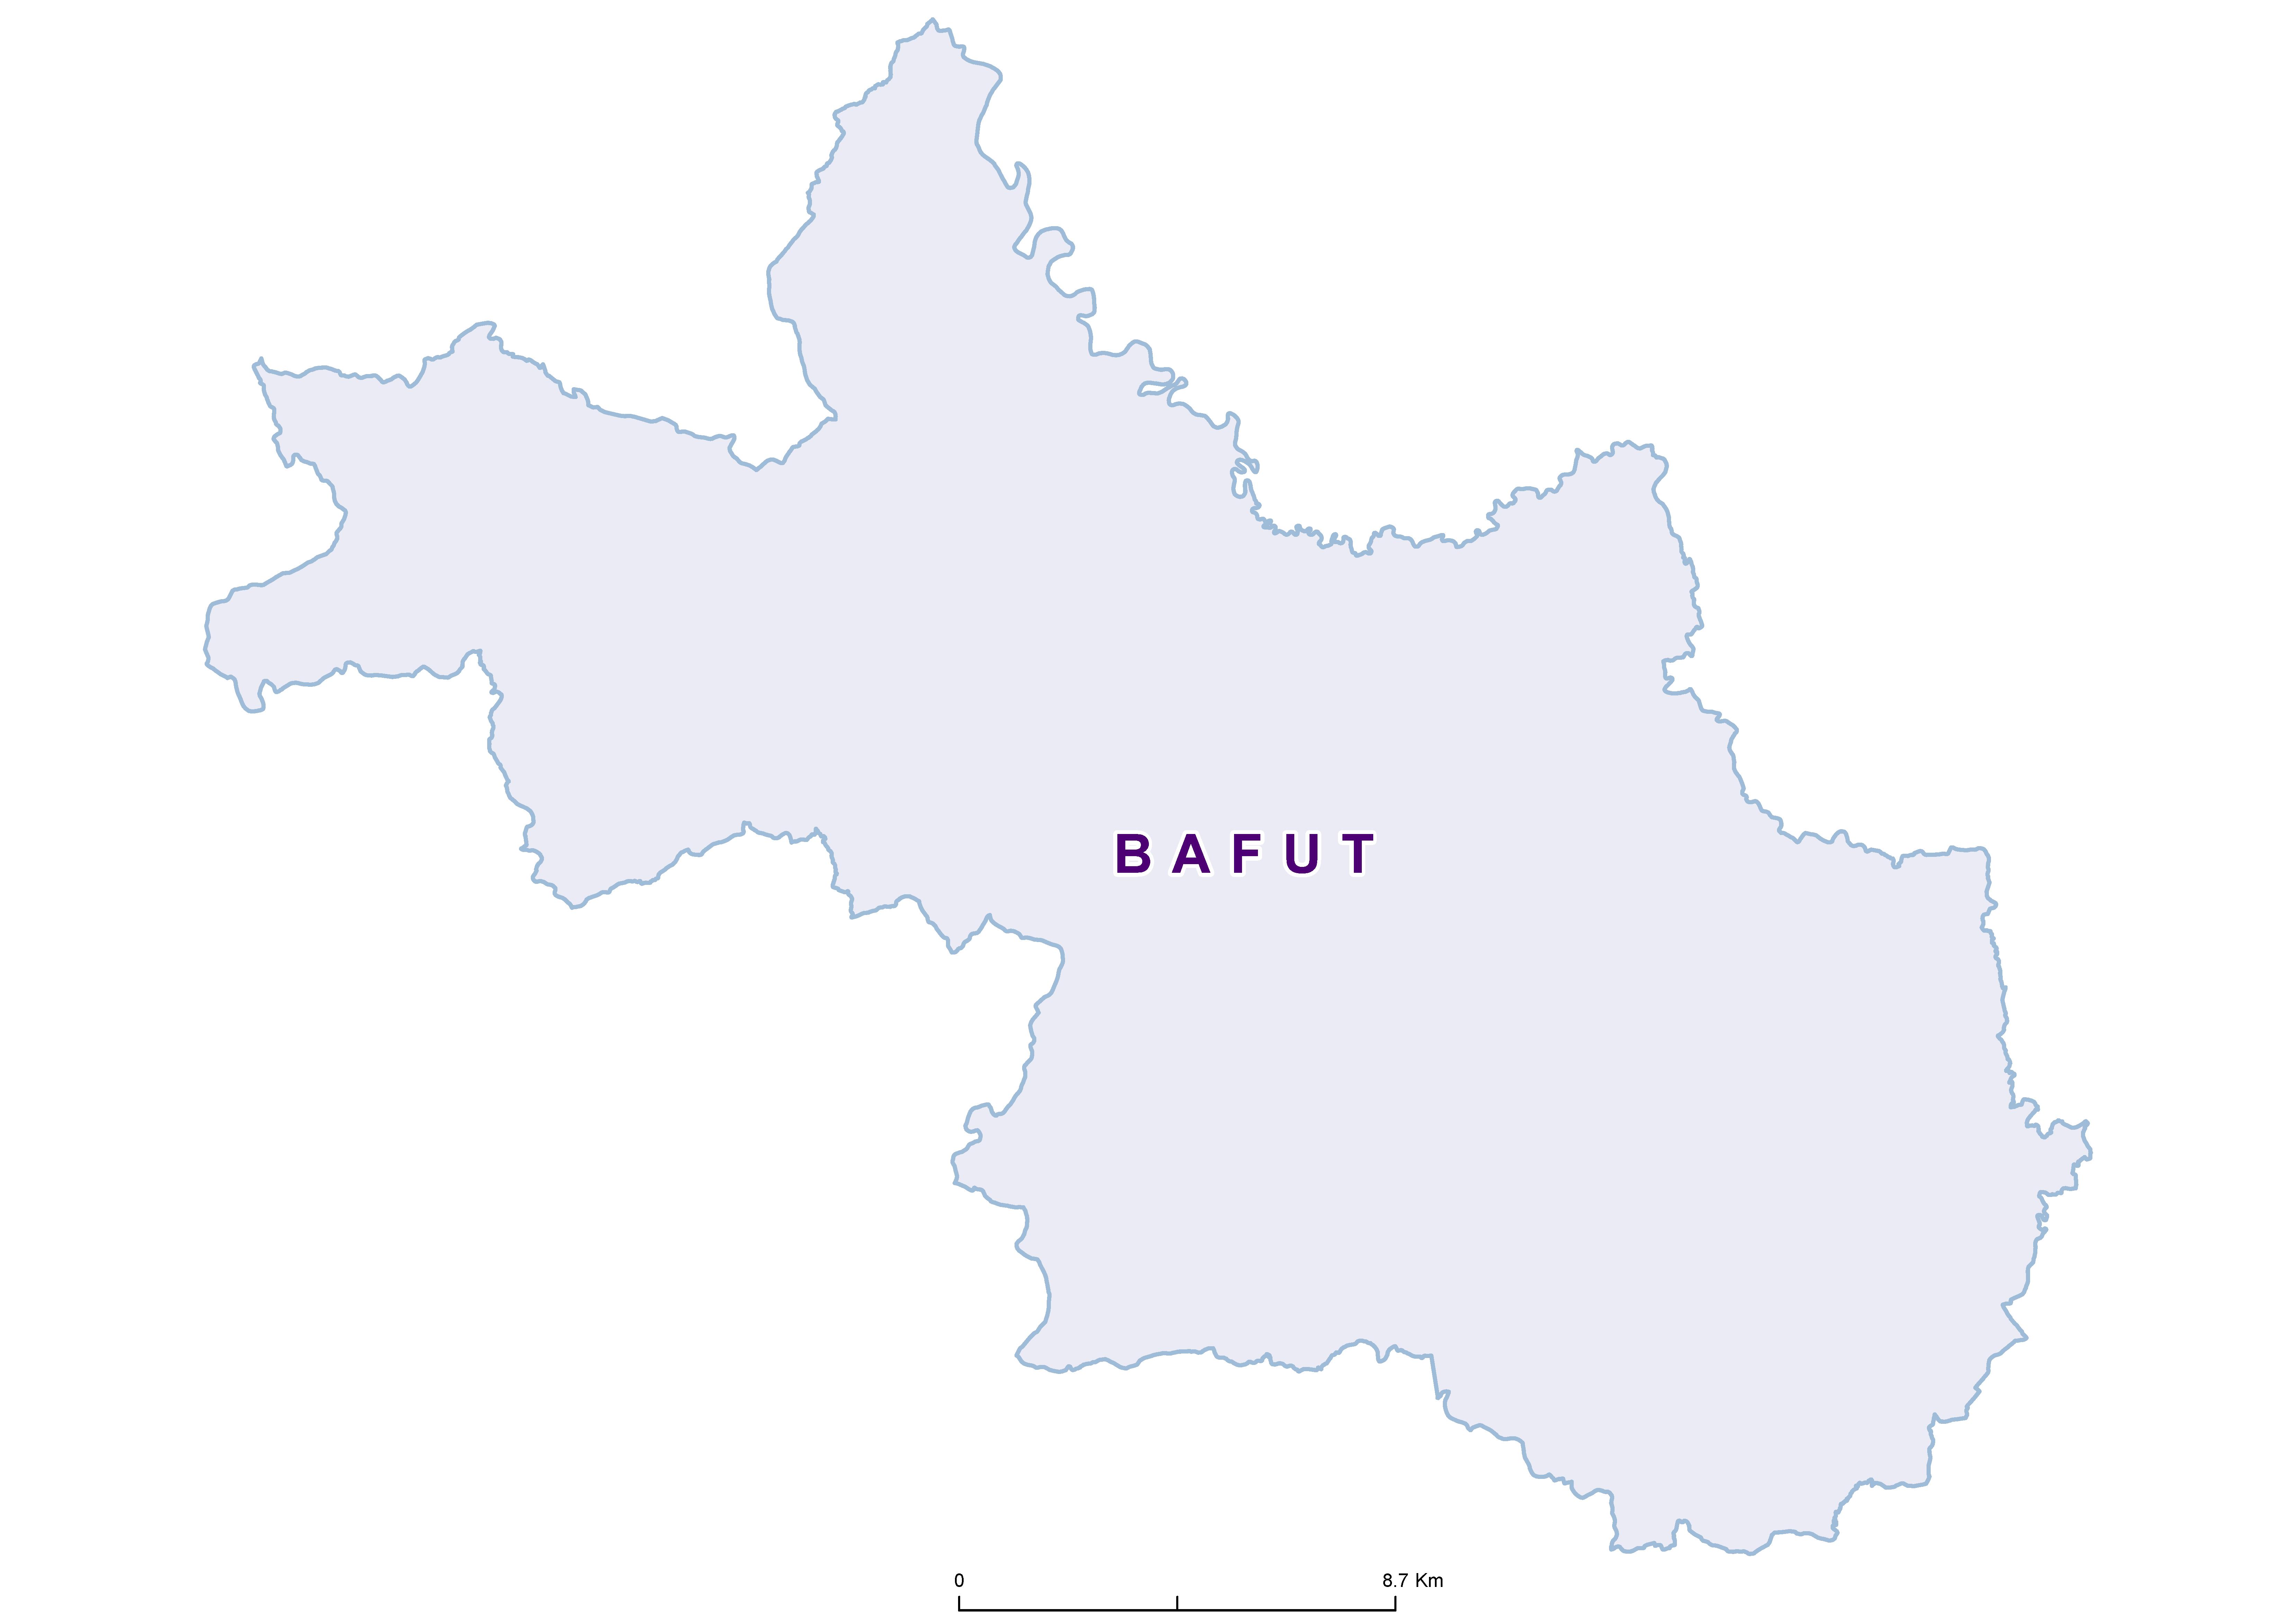 Bafut Mean SCH 20180001